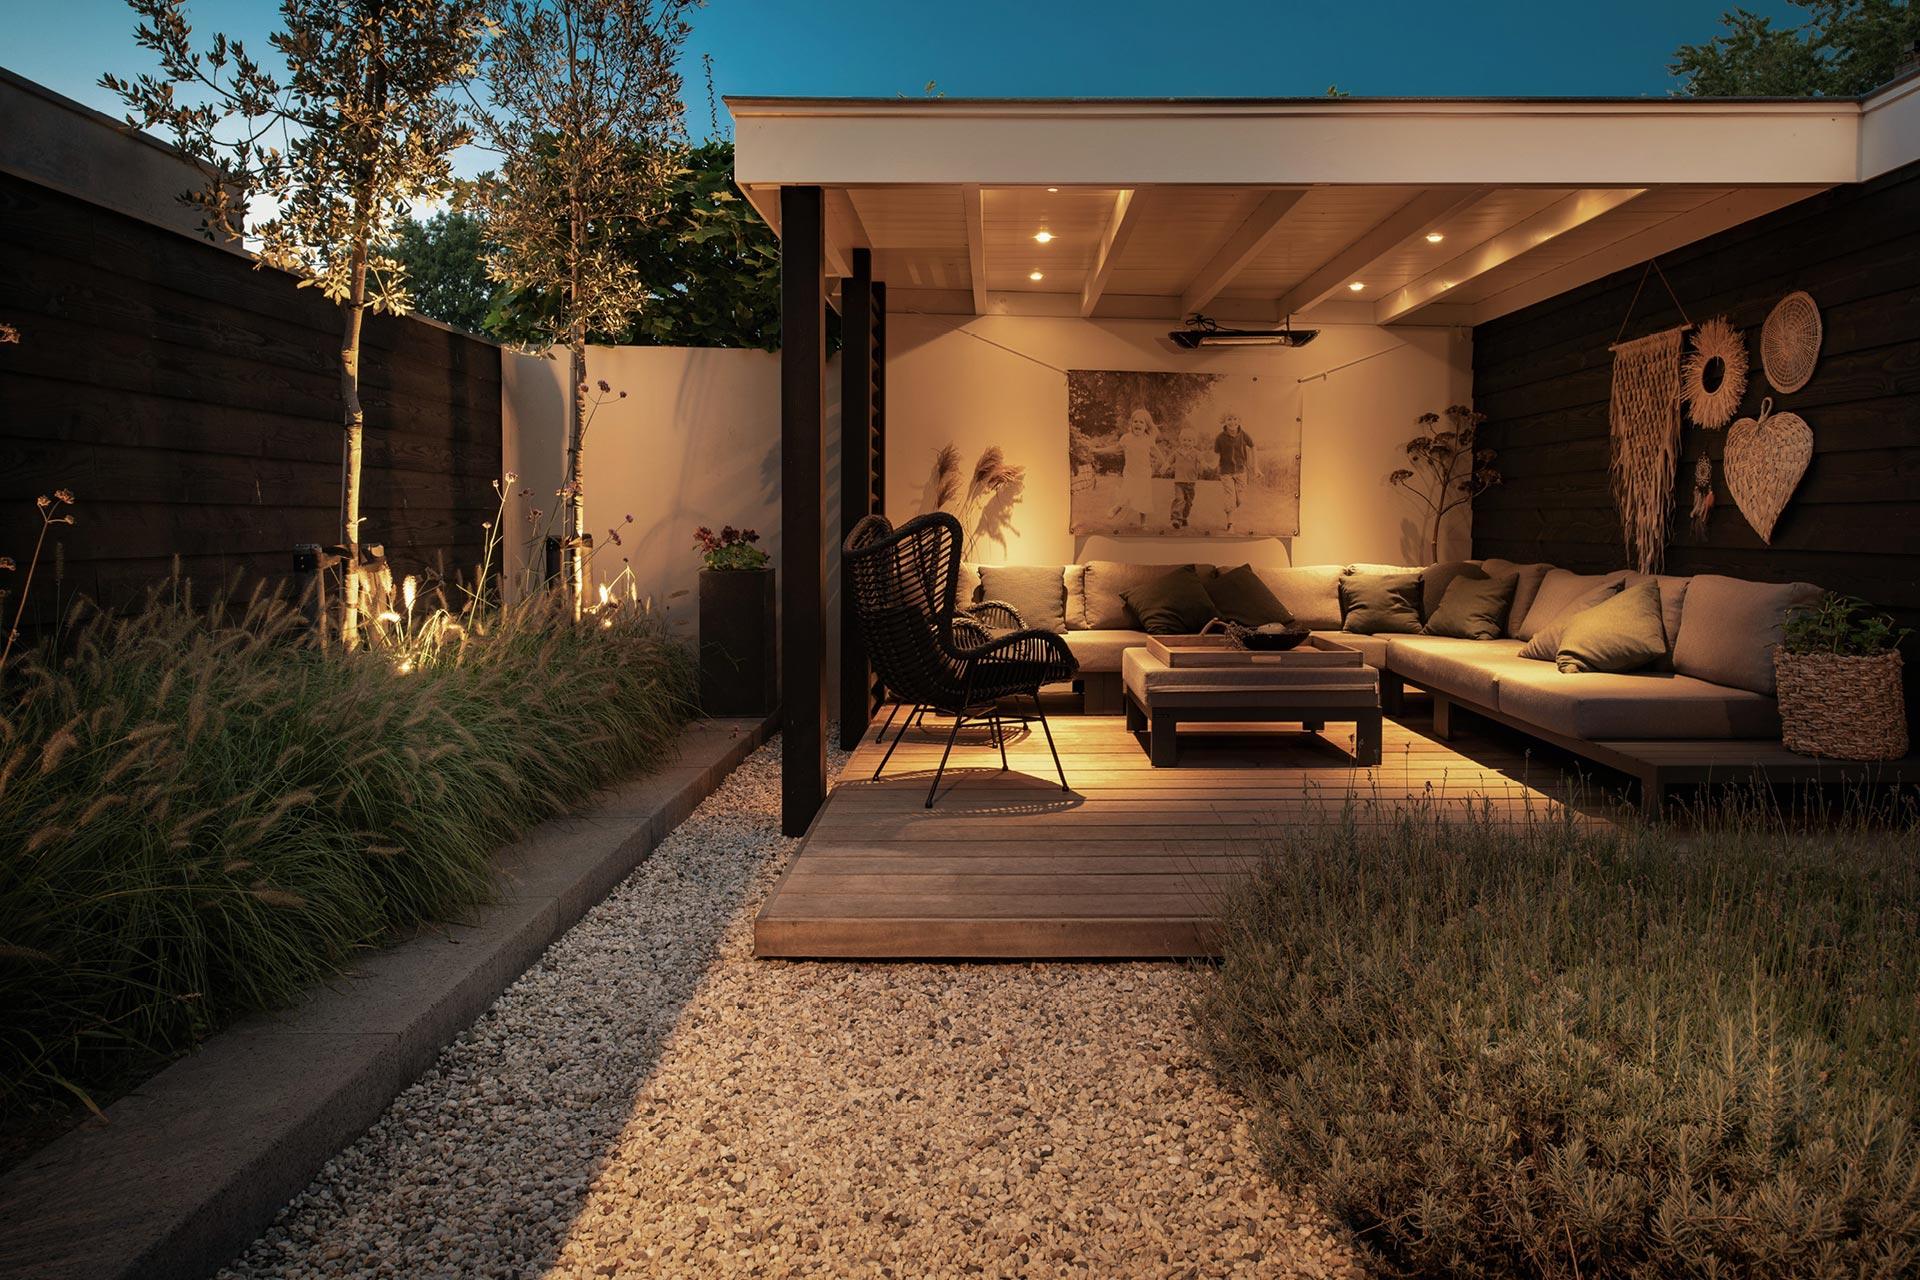 Landelijke tuinen onze tuinen buytengewoon - Onze mooie ideeen ...